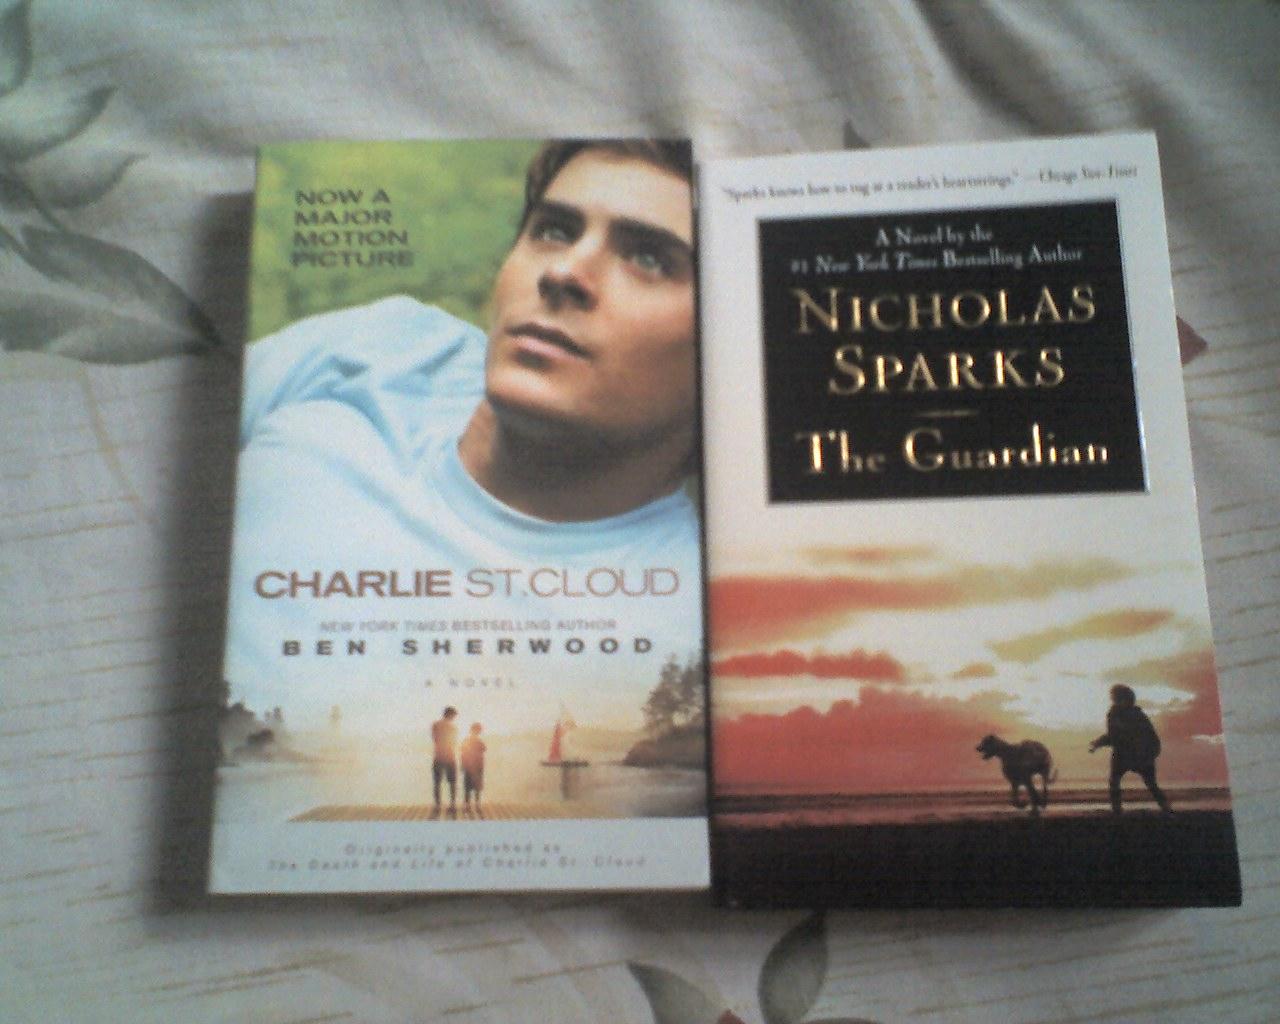 Nicholas Sparks Movie Quotes Quotesgram: The Guardian Nicholas Sparks Quotes. QuotesGram